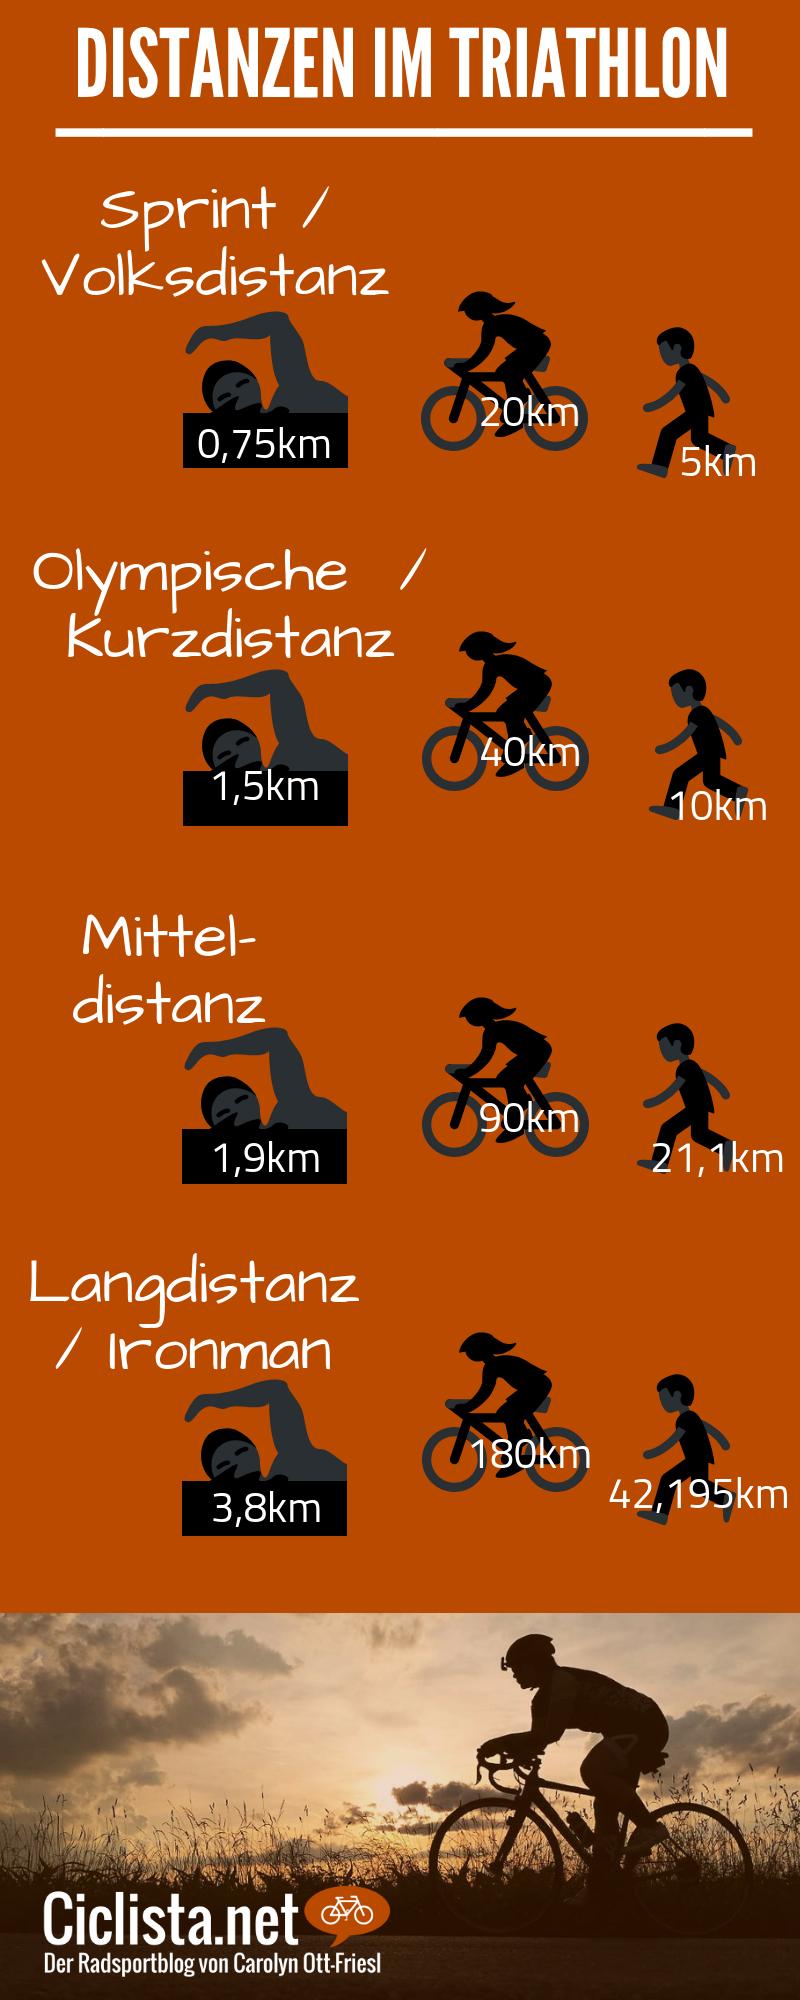 Triathlondistanzen im Überblick - Von Sprintdistanz / Volkstriathlon, Olympische / Kurzdistanz, Mitt...